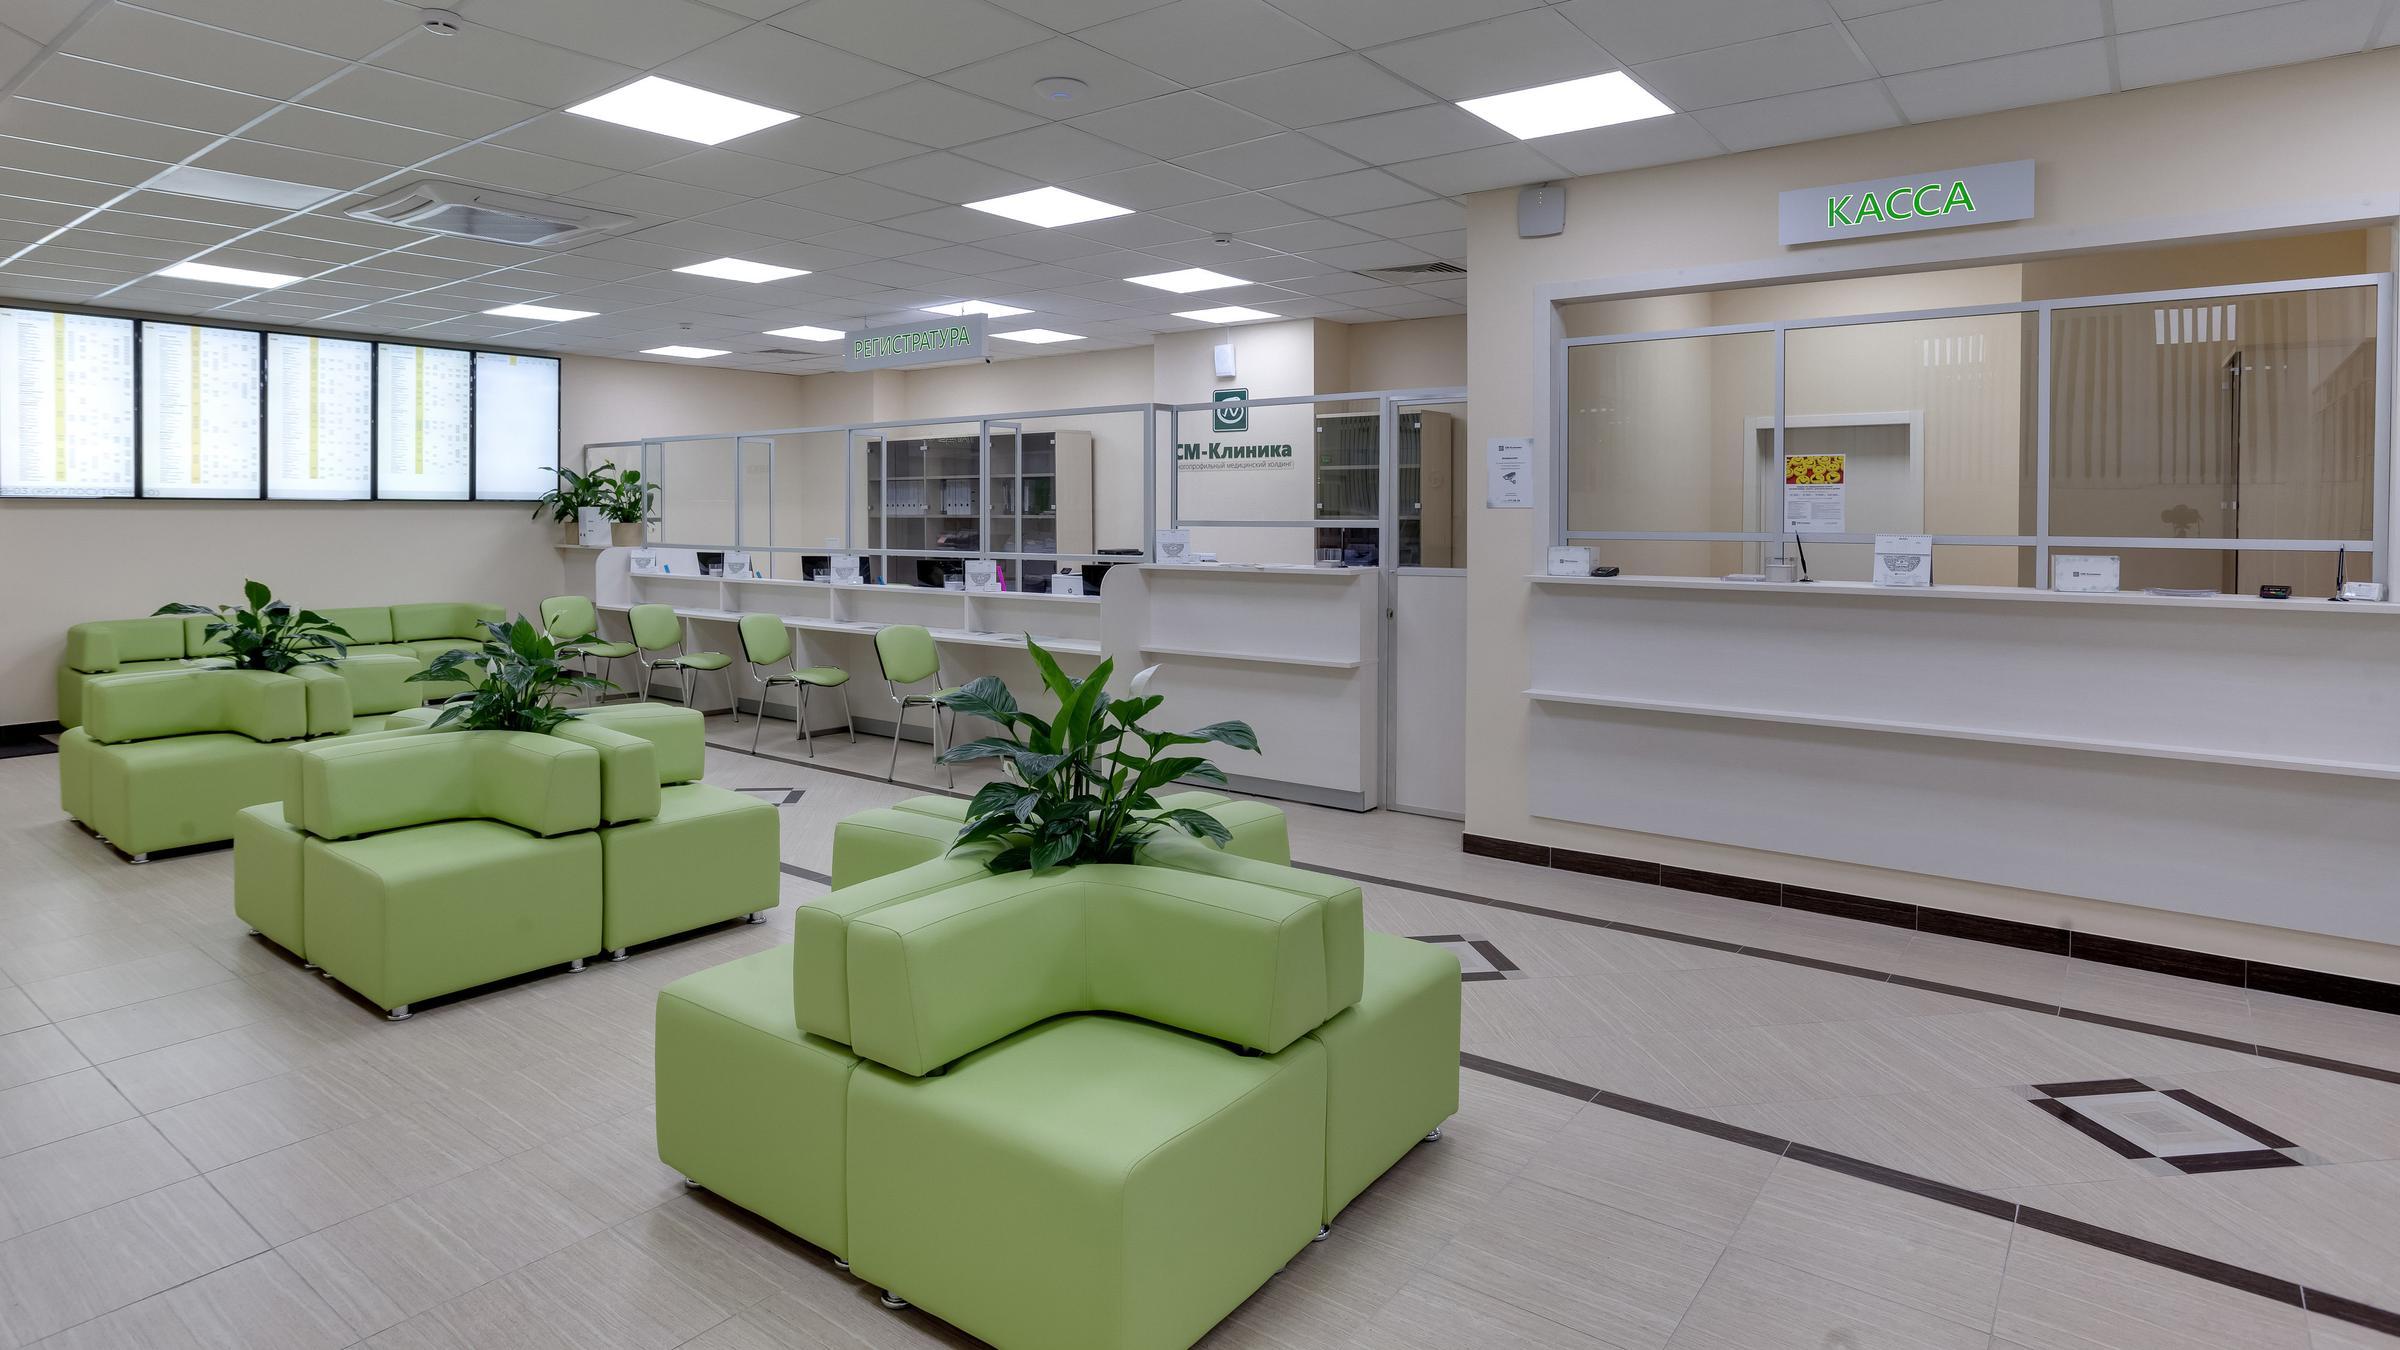 фотография Многопрофильного медицинского центра СМ-Клиника на Новочерёмушкинской улице